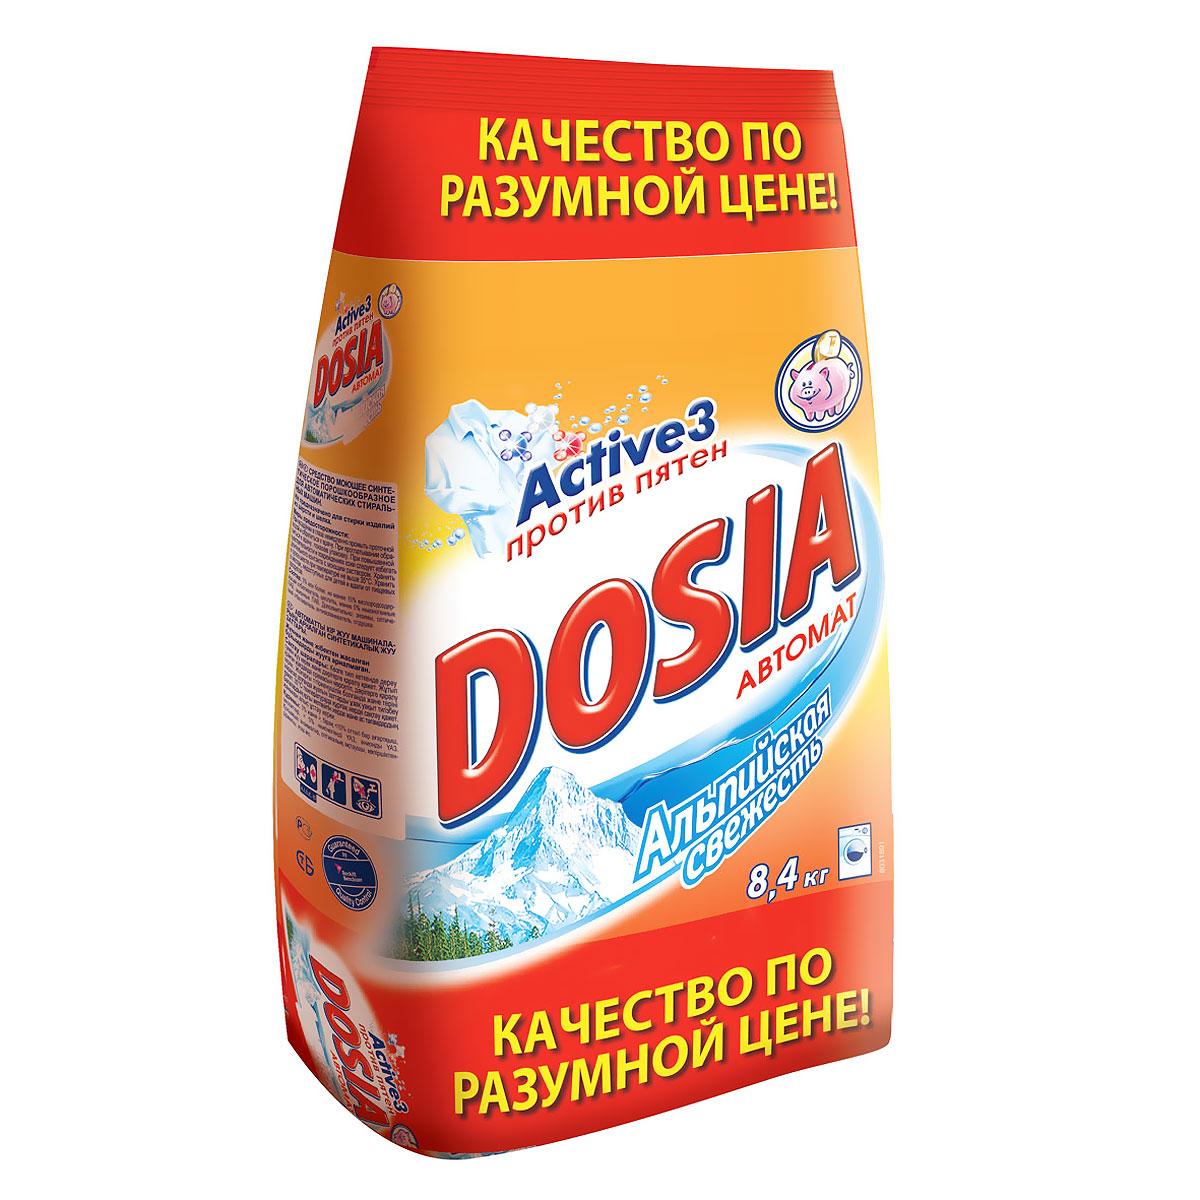 Стиральный порошок Dosia Active 3, автомат, альпийская свежесть, 8,4 кг0379981Стиральный порошок Dosia Active 3 с ароматом альпийской свежести предназначен для стирки в стиральных машинах любого типа. Порошок содержит три активных компонента против различных пятен, которые воздействуют на волокна ткани и удаляют общие загрязнения, удаляют сложные пятна, отбеливают и придают кристальную белизну вашим вещам. Порошок содержит компоненты, помогающие защитить стиральную машину от накипи и известкового налета. Насладитесь идеальной чистотой и свежестью своих вещей с новой Dosia!